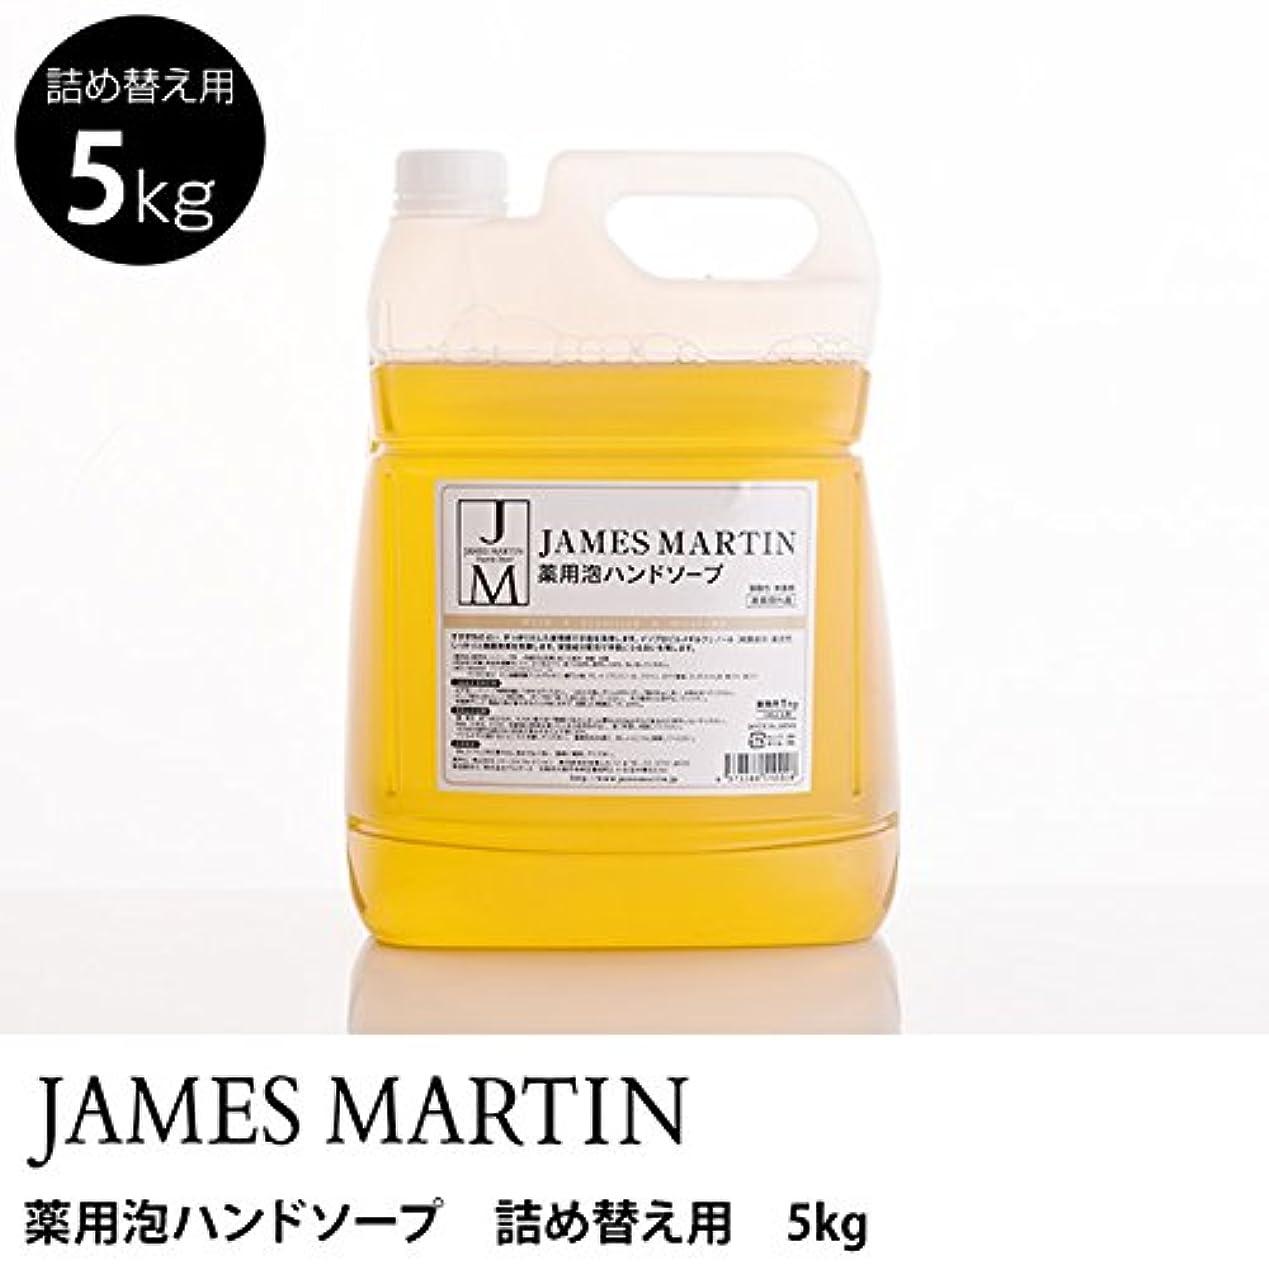 ありふれた成果宇宙のジェームズマーティン 薬用泡ハンドソープ(無香料) 詰替用 5kg